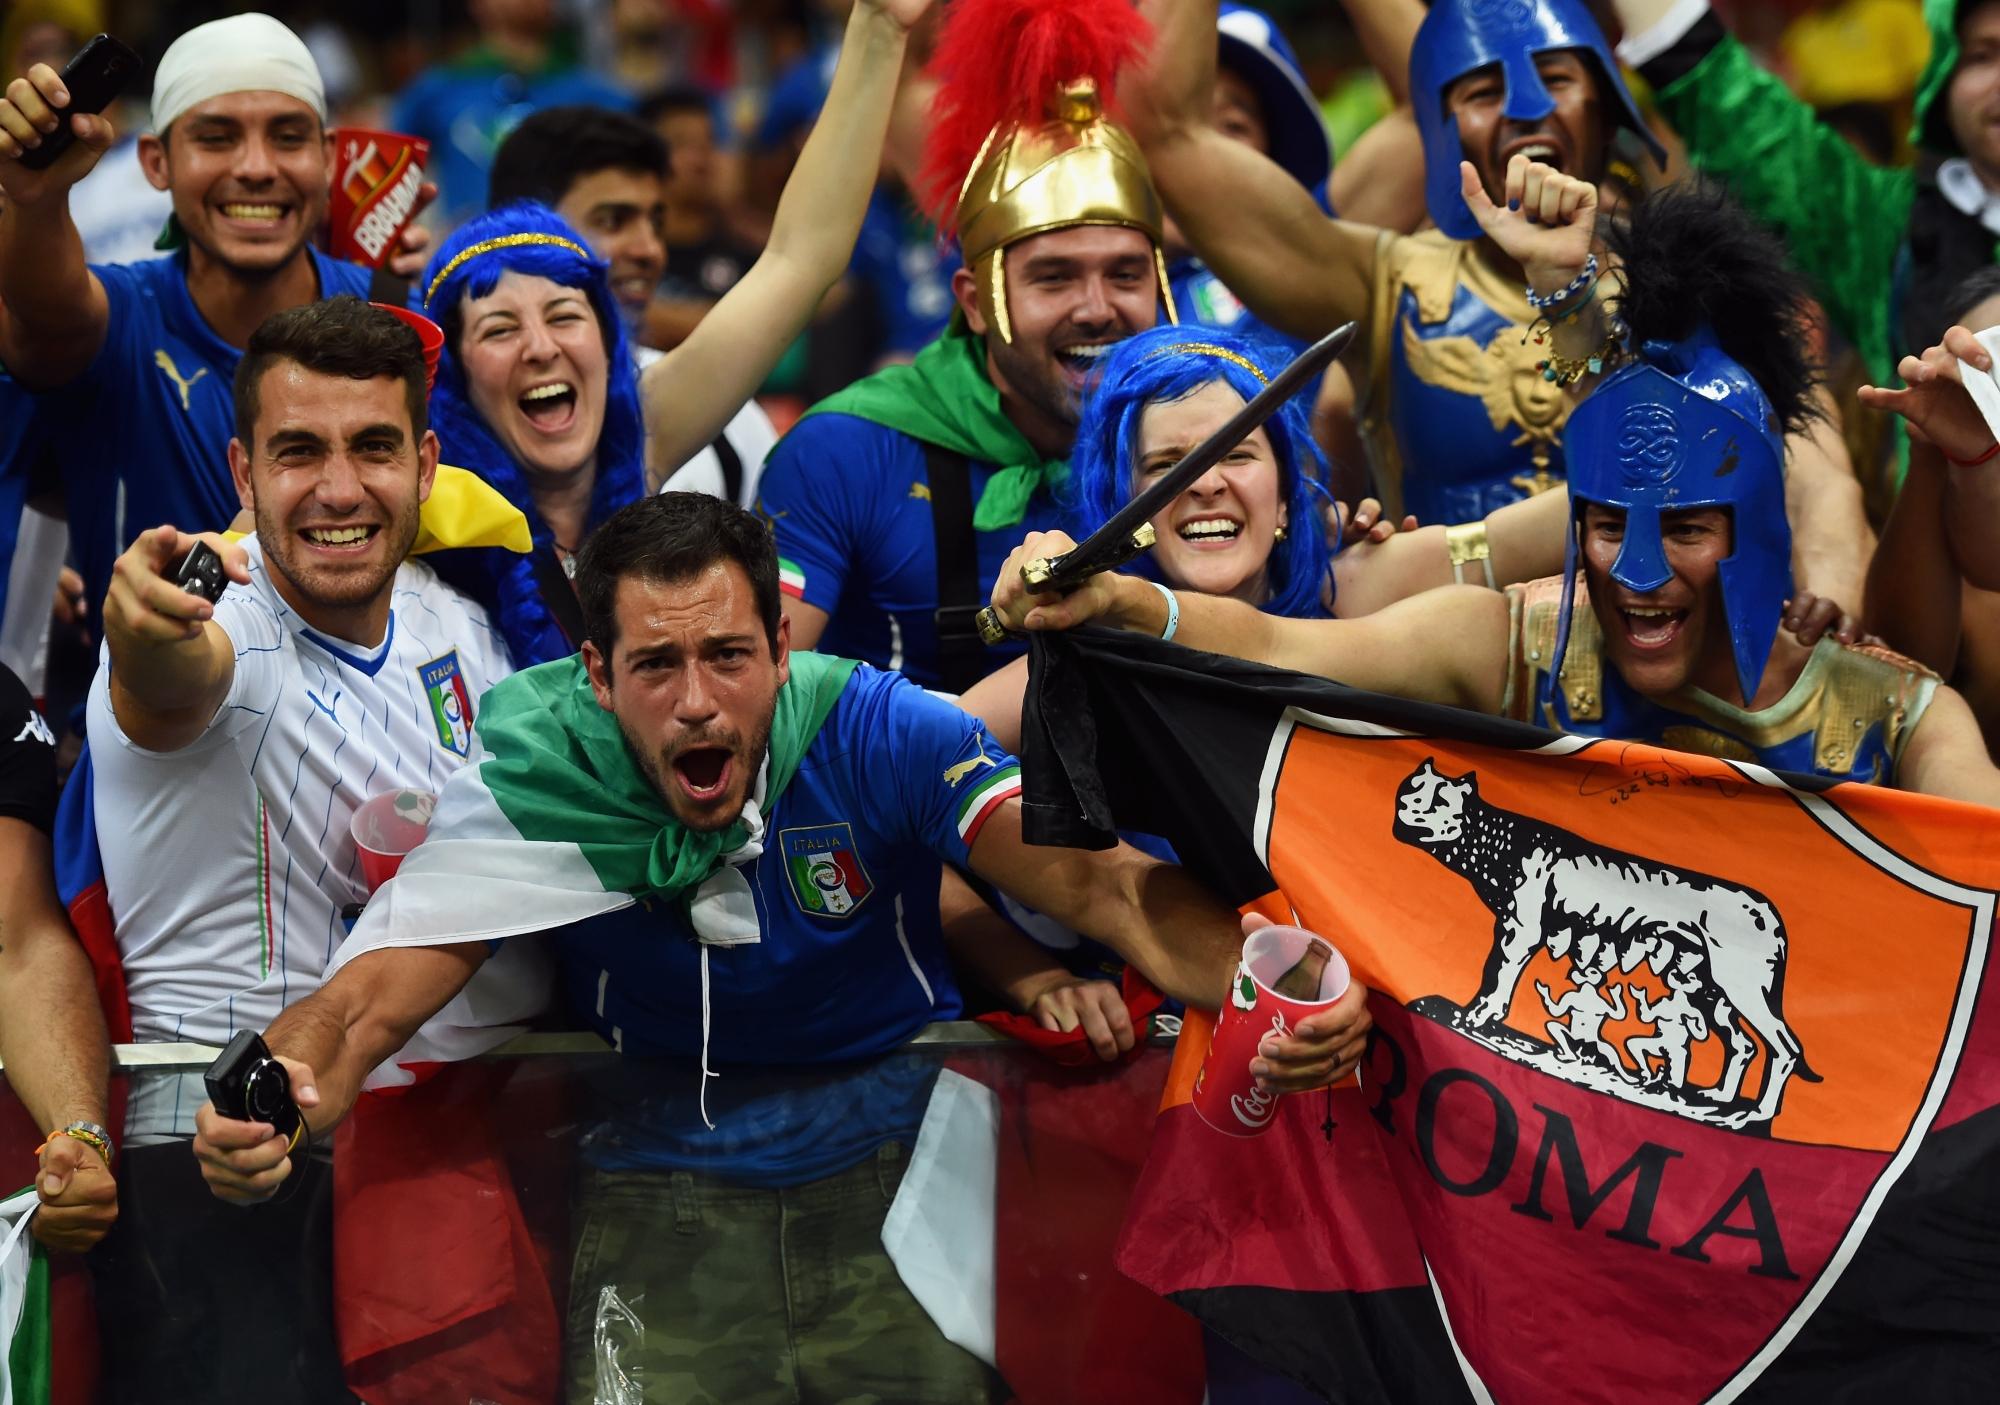 фото итальянские болельщики по футболу плачут полную любви